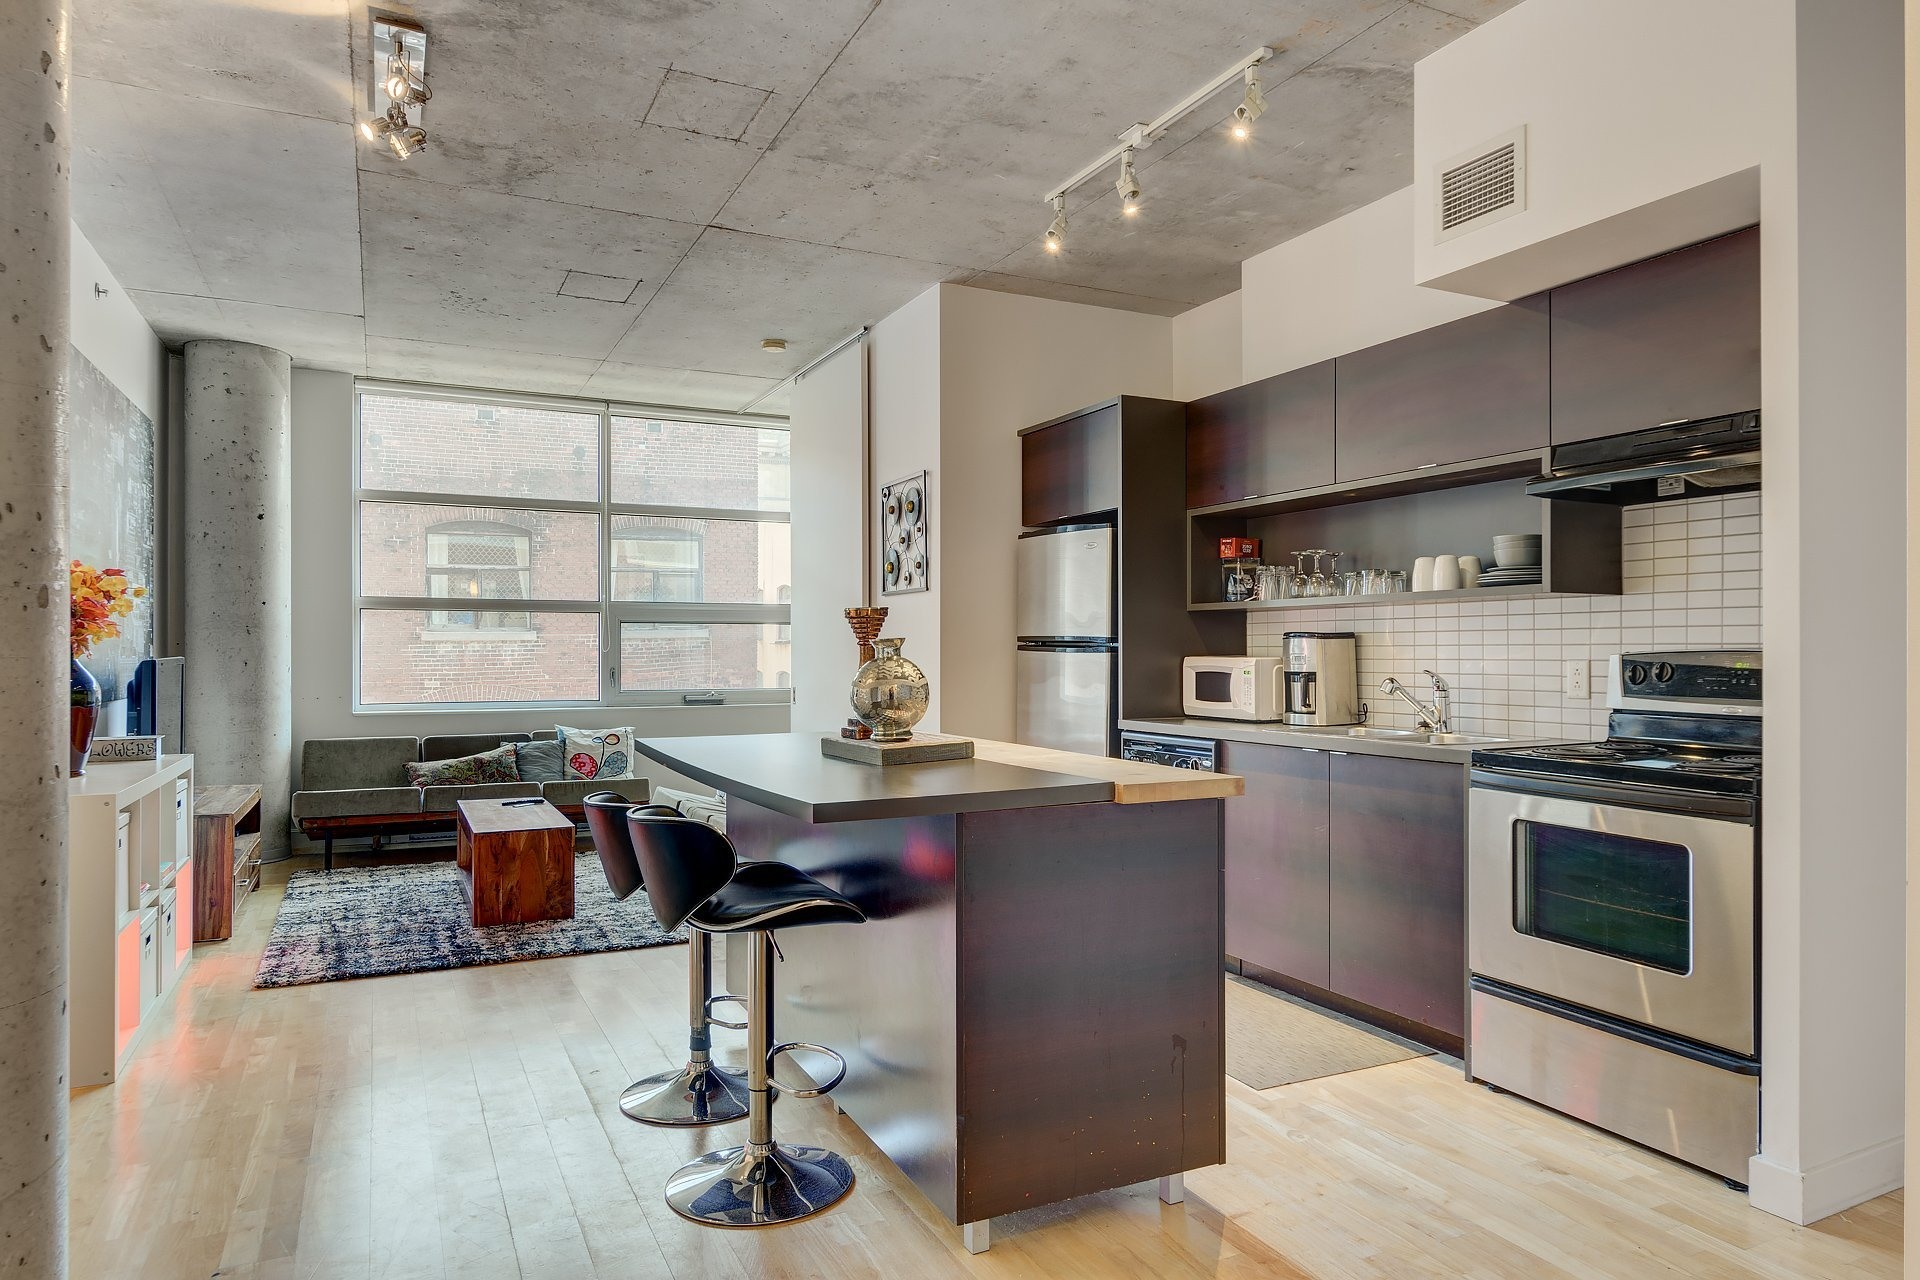 image 7 - Apartment For rent Ville-Marie Montréal  - 3 rooms